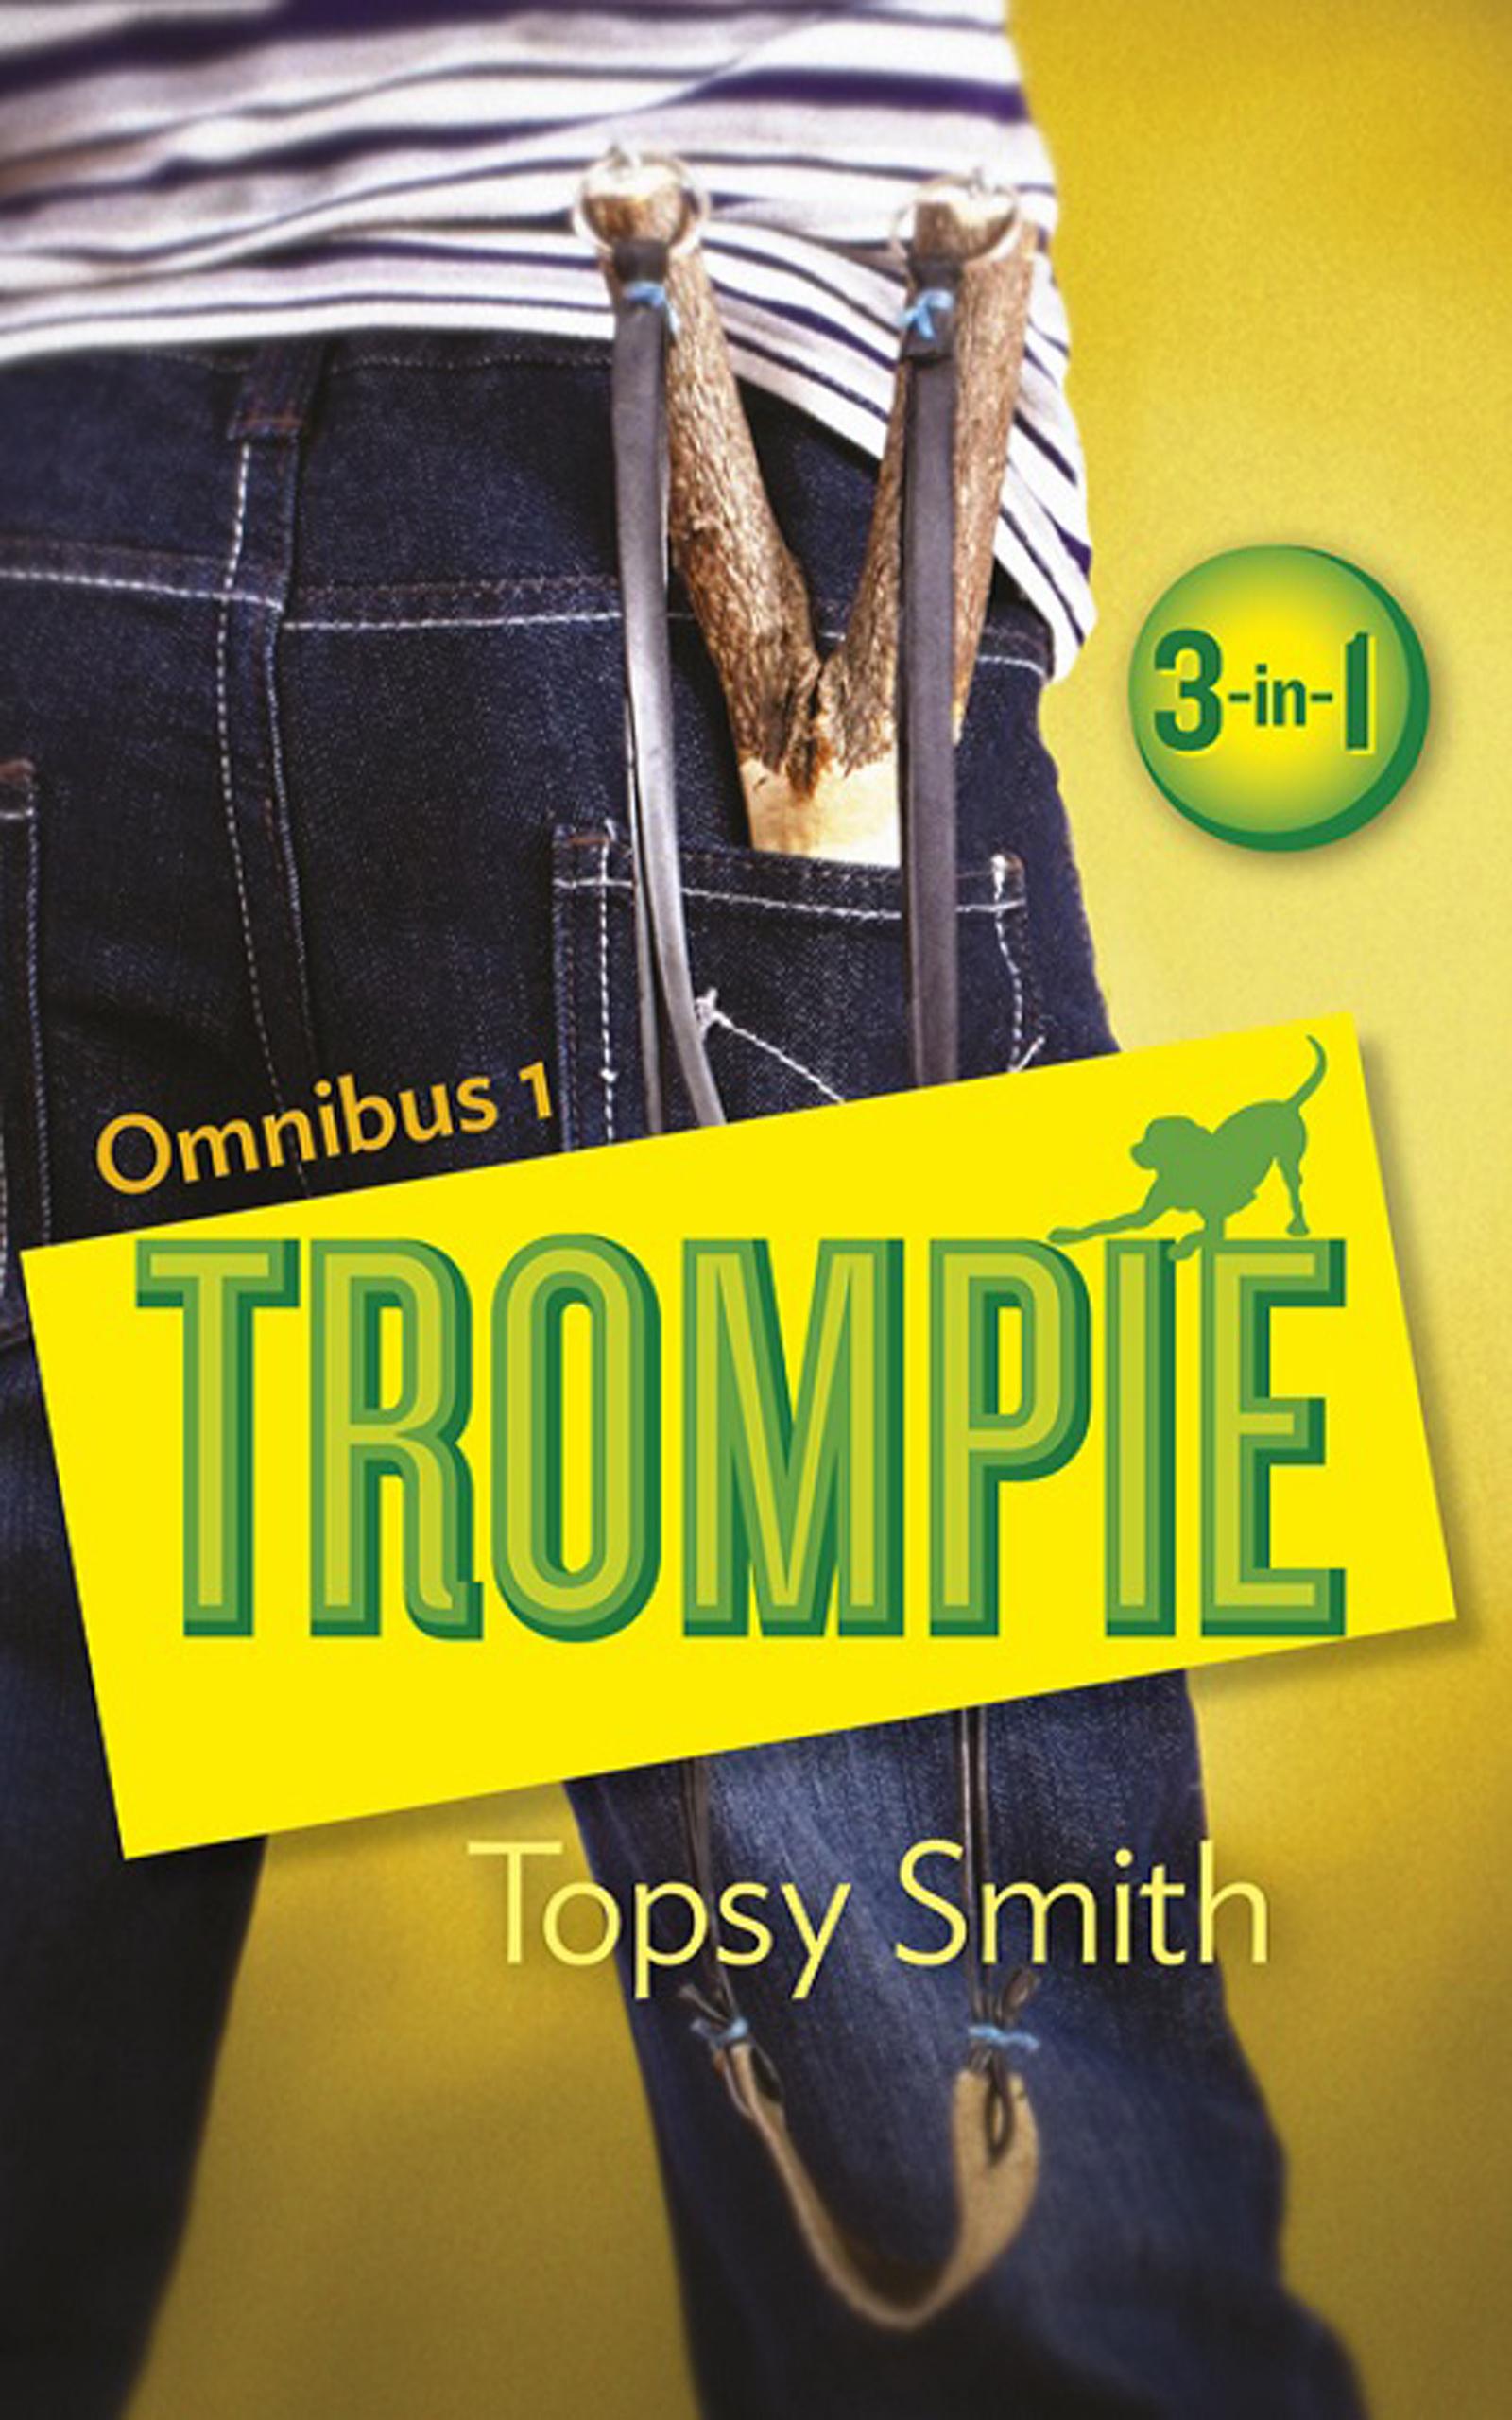 Trompie omnibus 1